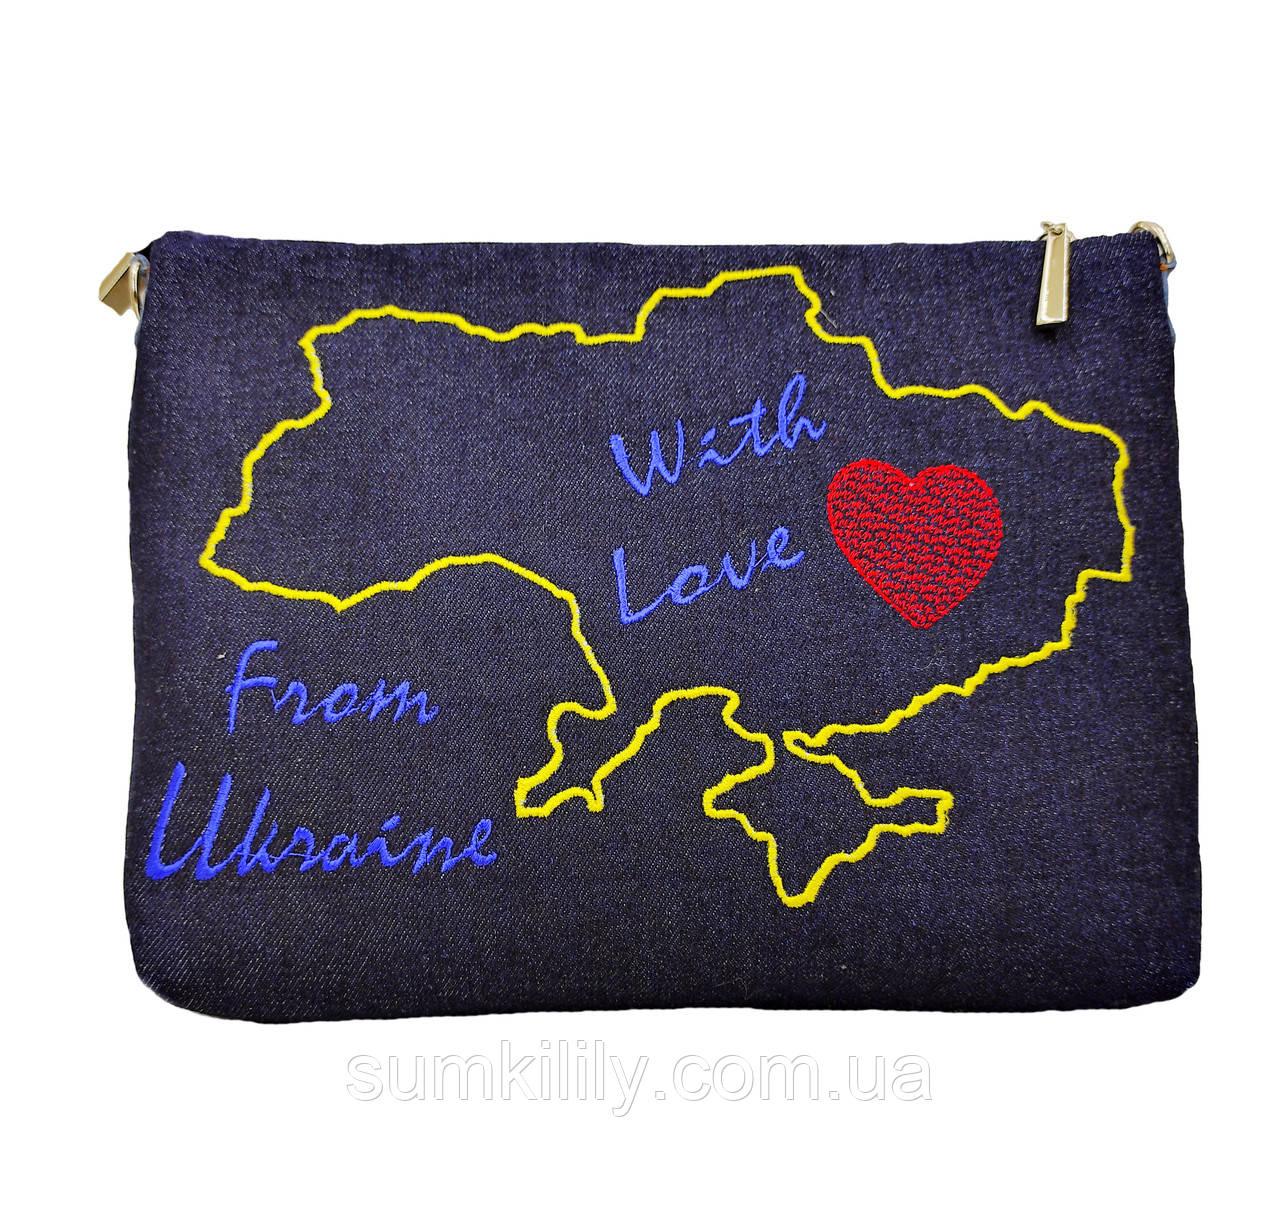 Джинсова сумка з вишивкою Карта України 3